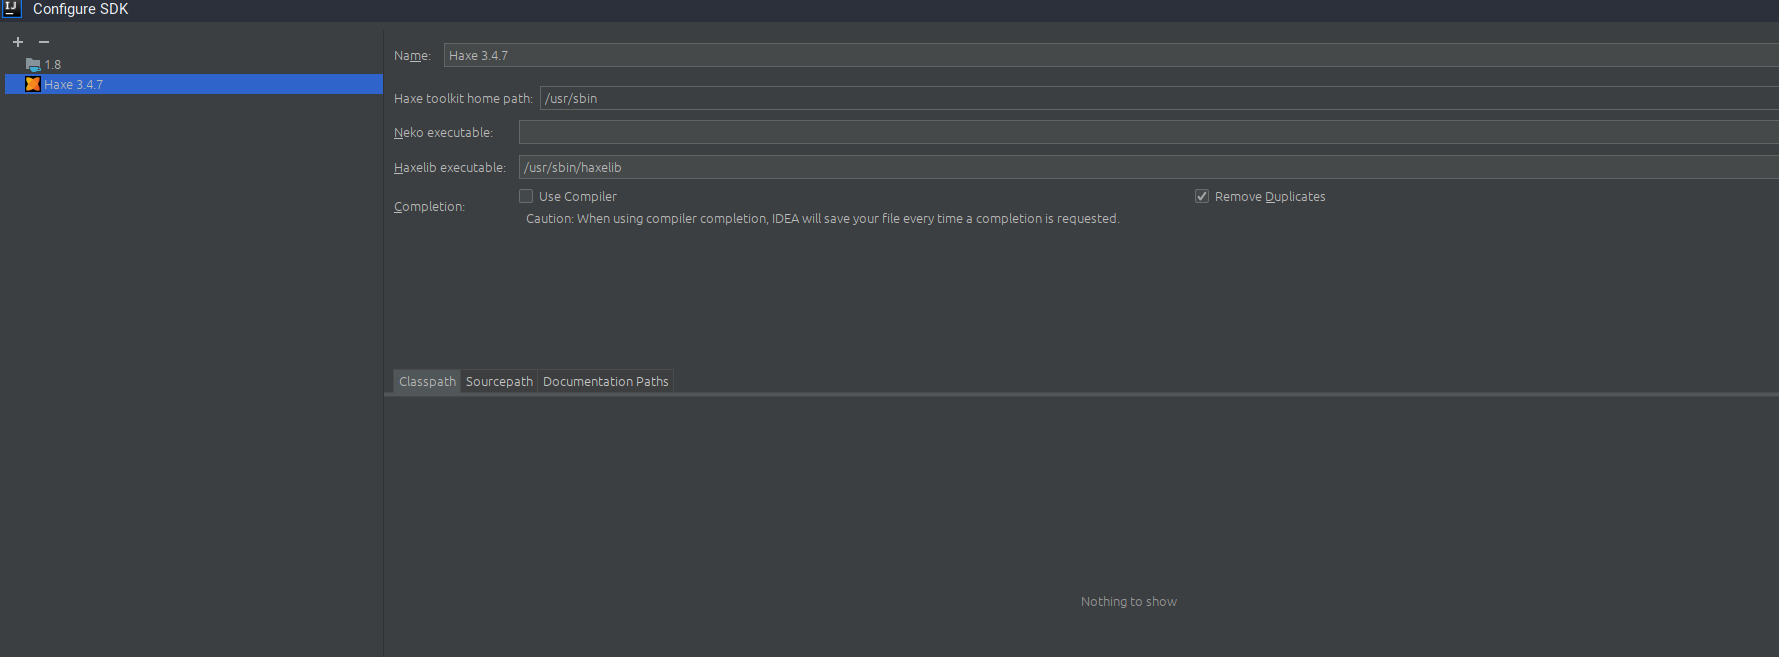 IDEA error - Haxe SDK has no valid root  Set up or change